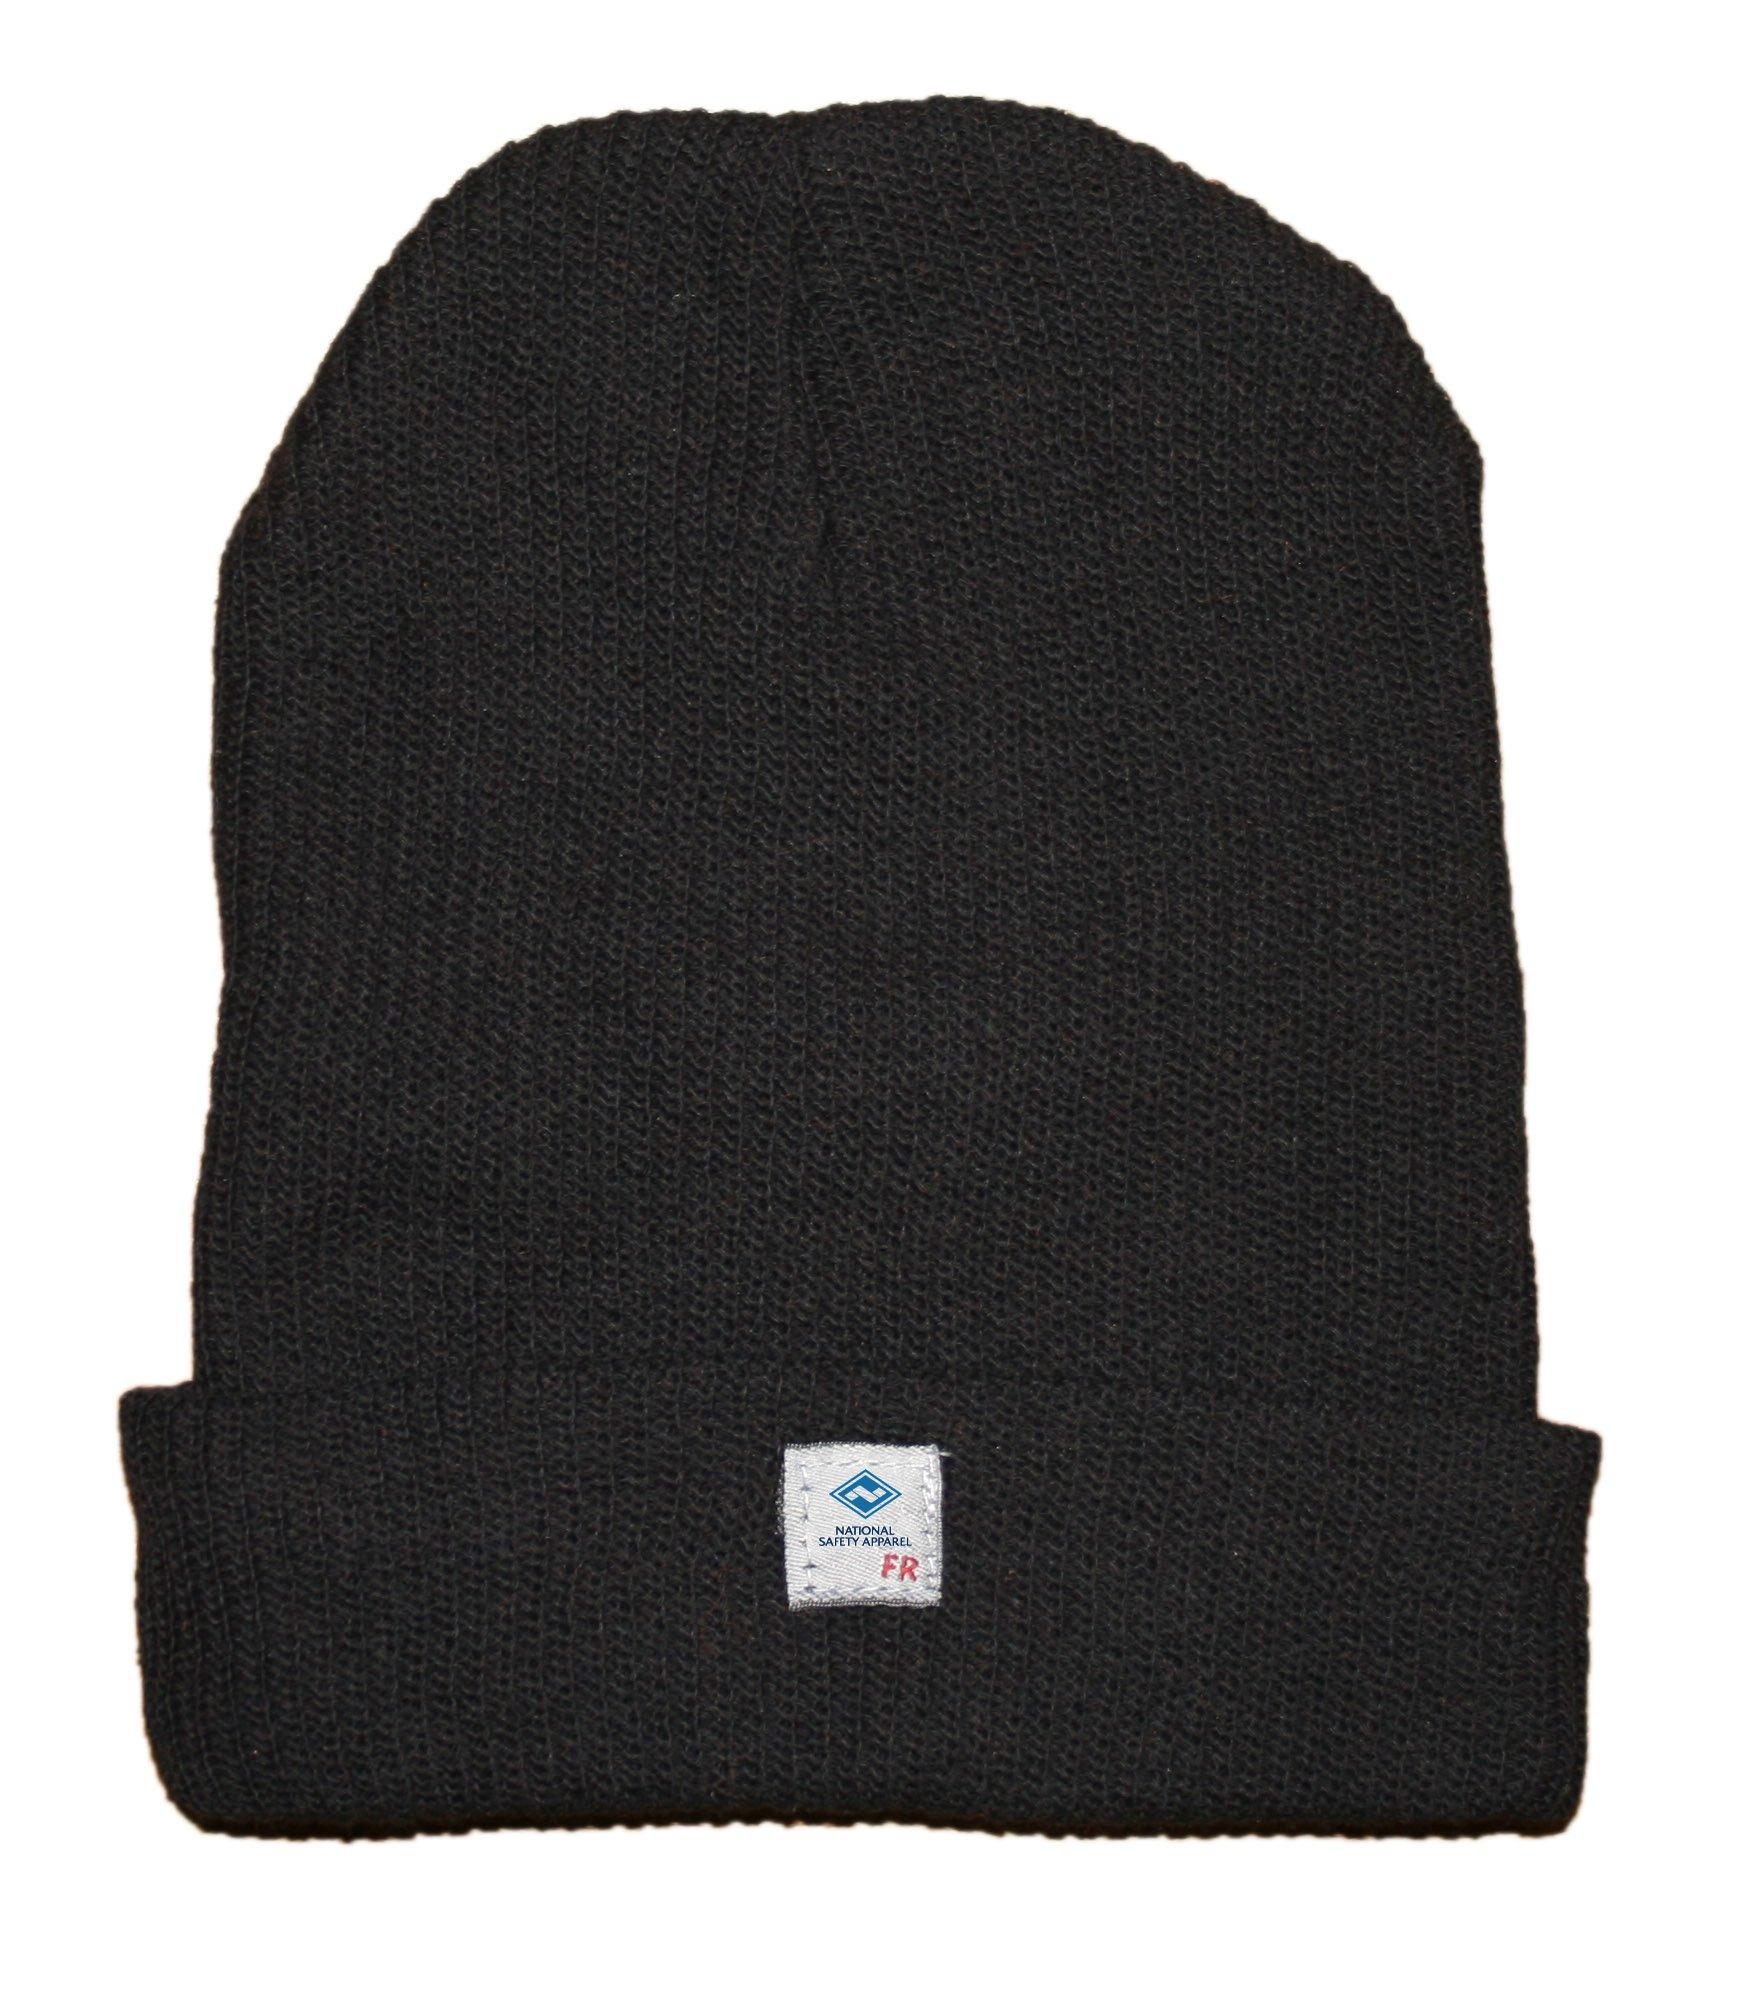 National Safety Apparel HNC2BK FR Dupont Nomex Knit Hat, One Size, Black